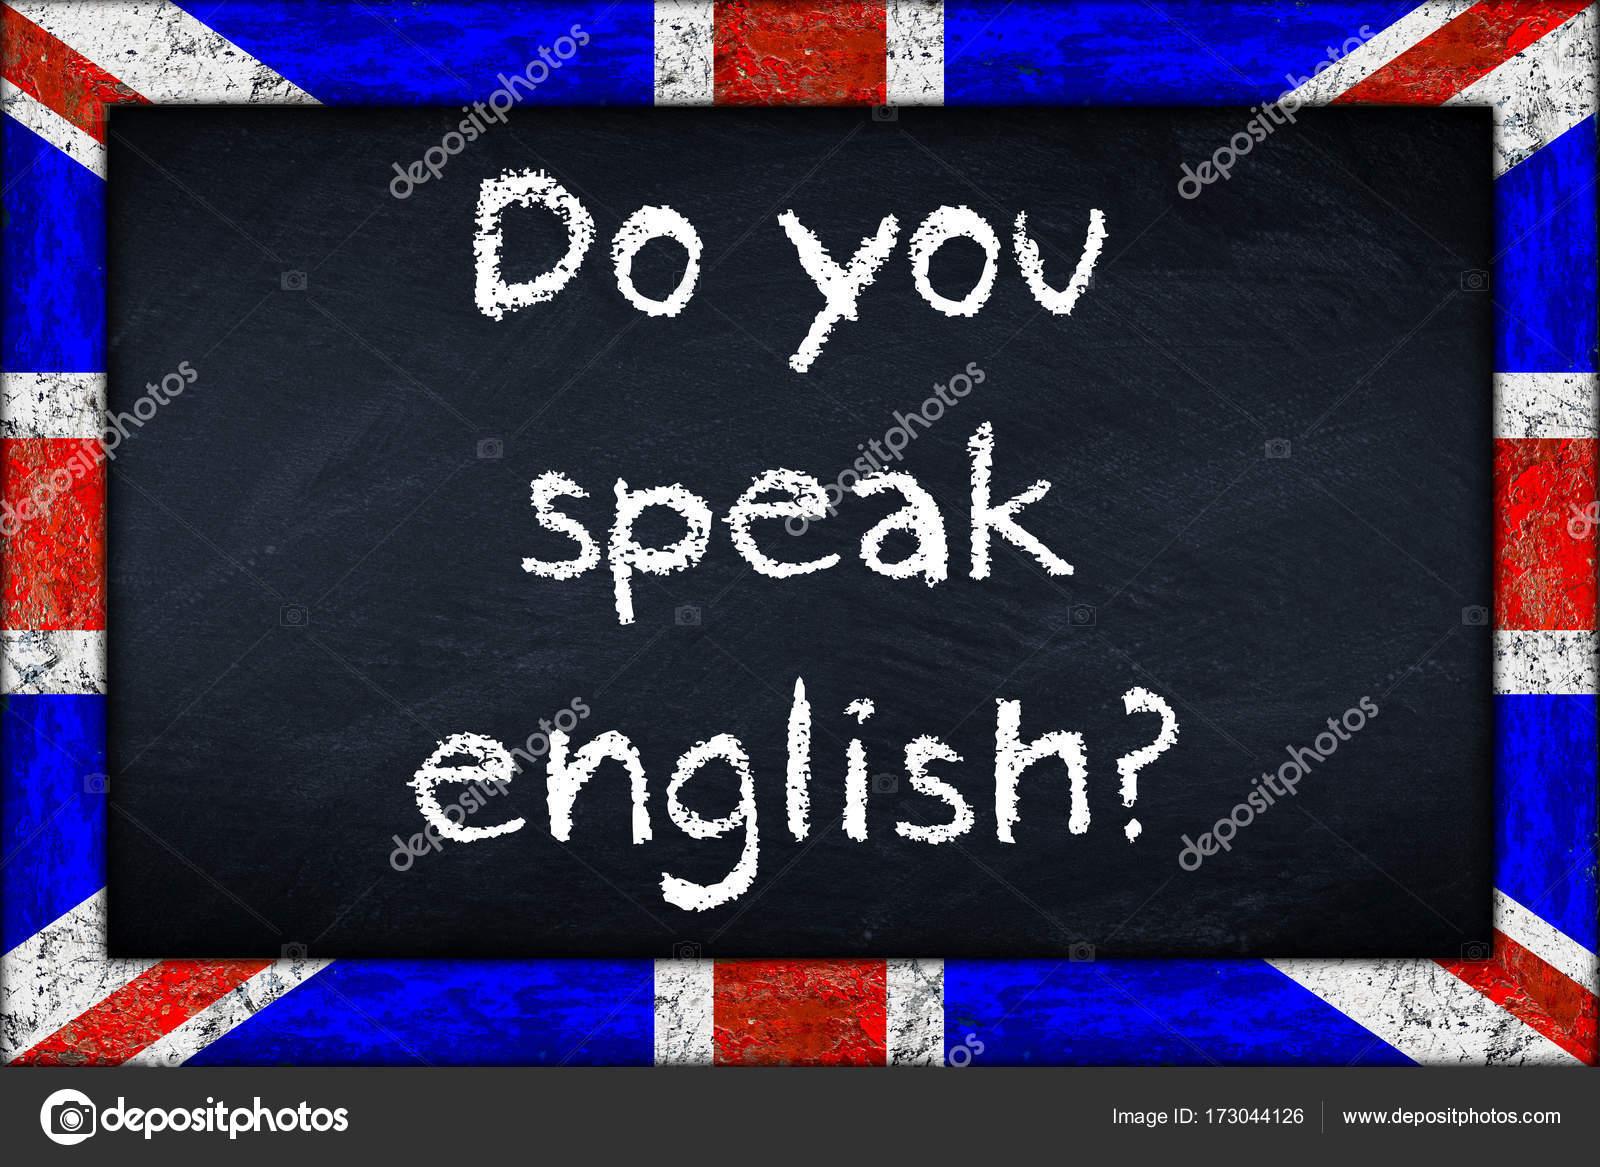 hablas englsh pizarra con marco de bandera union jack — Foto de ...